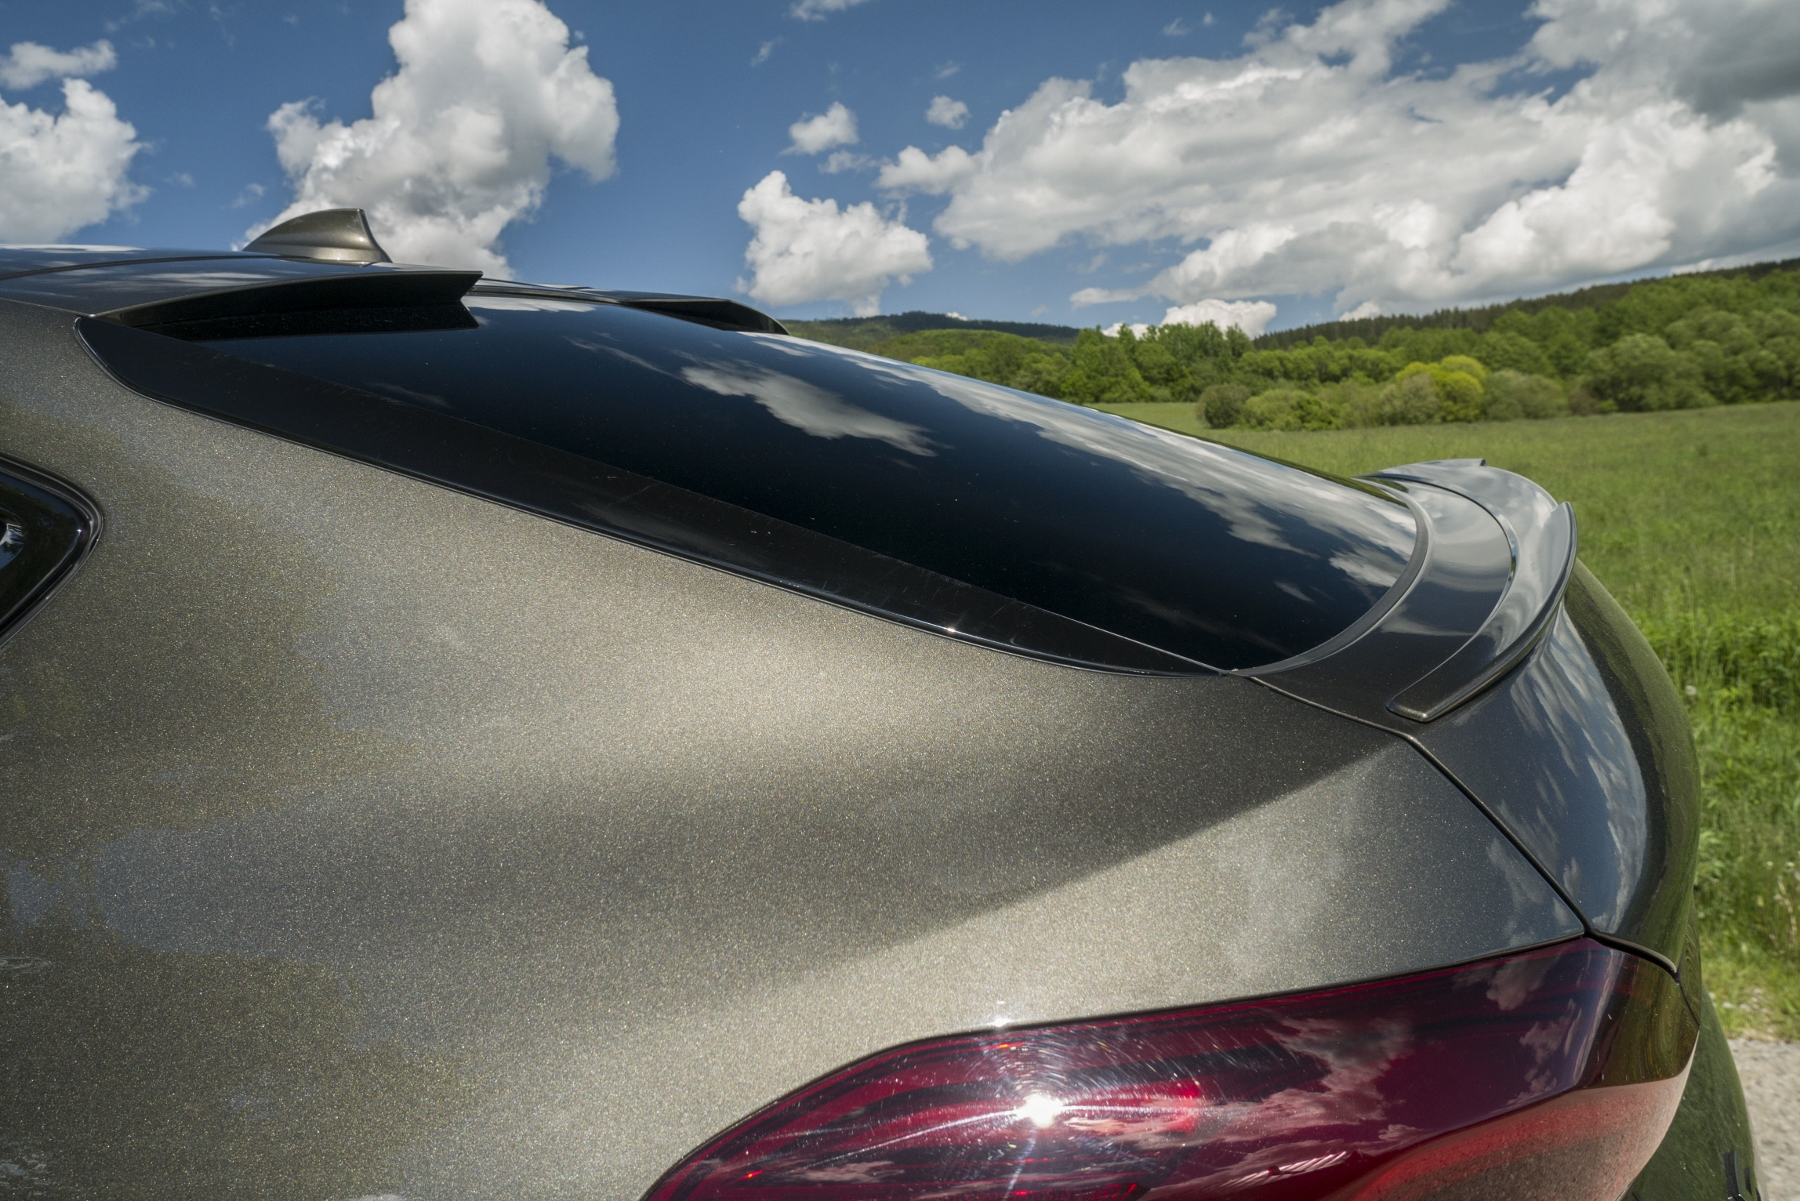 Test: BMW X6 M50i napína benzínové svaly, ale neukazuje plnú silu veO84uHhbp bmw-x6-m50i-16